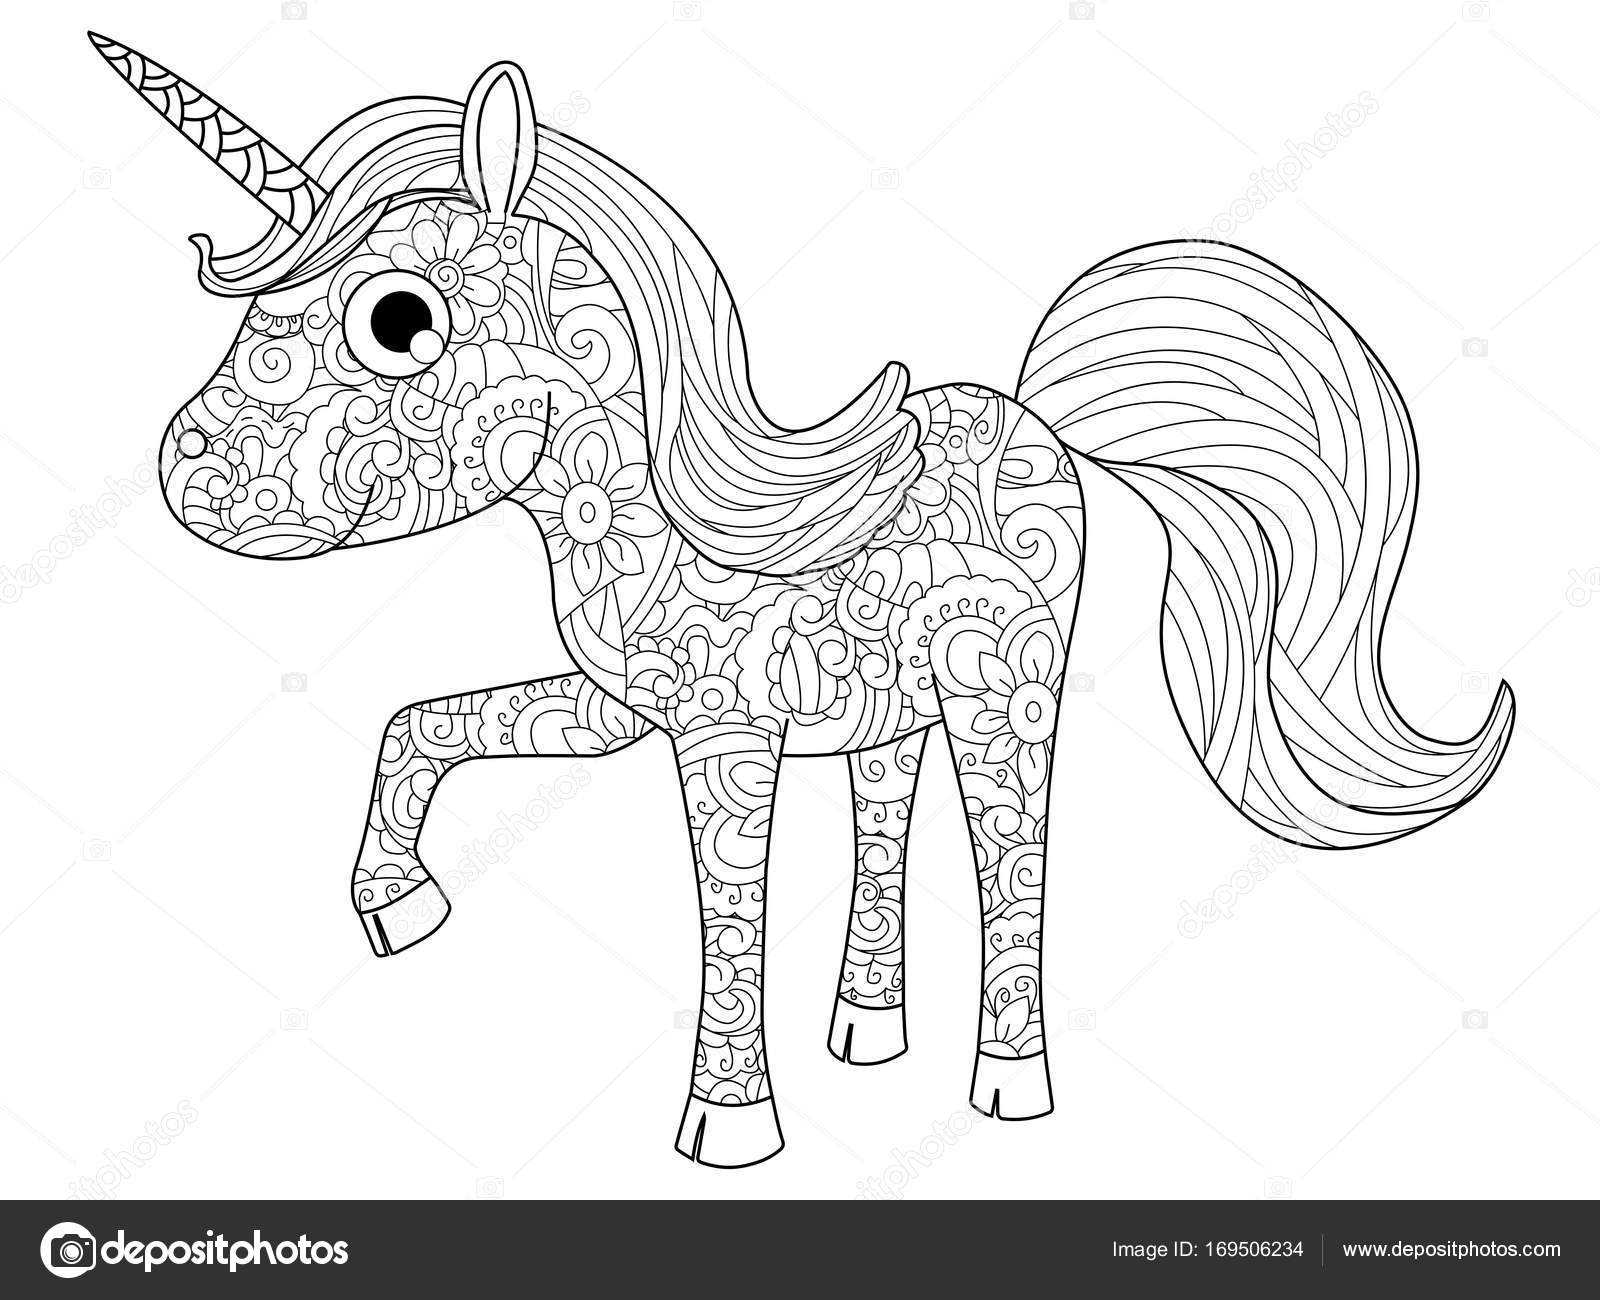 Kleurplaat Paard Met Vleugels Děti Hračky Jednorožec Barevn 233 Rastrov 233 Pro Dospěl 233